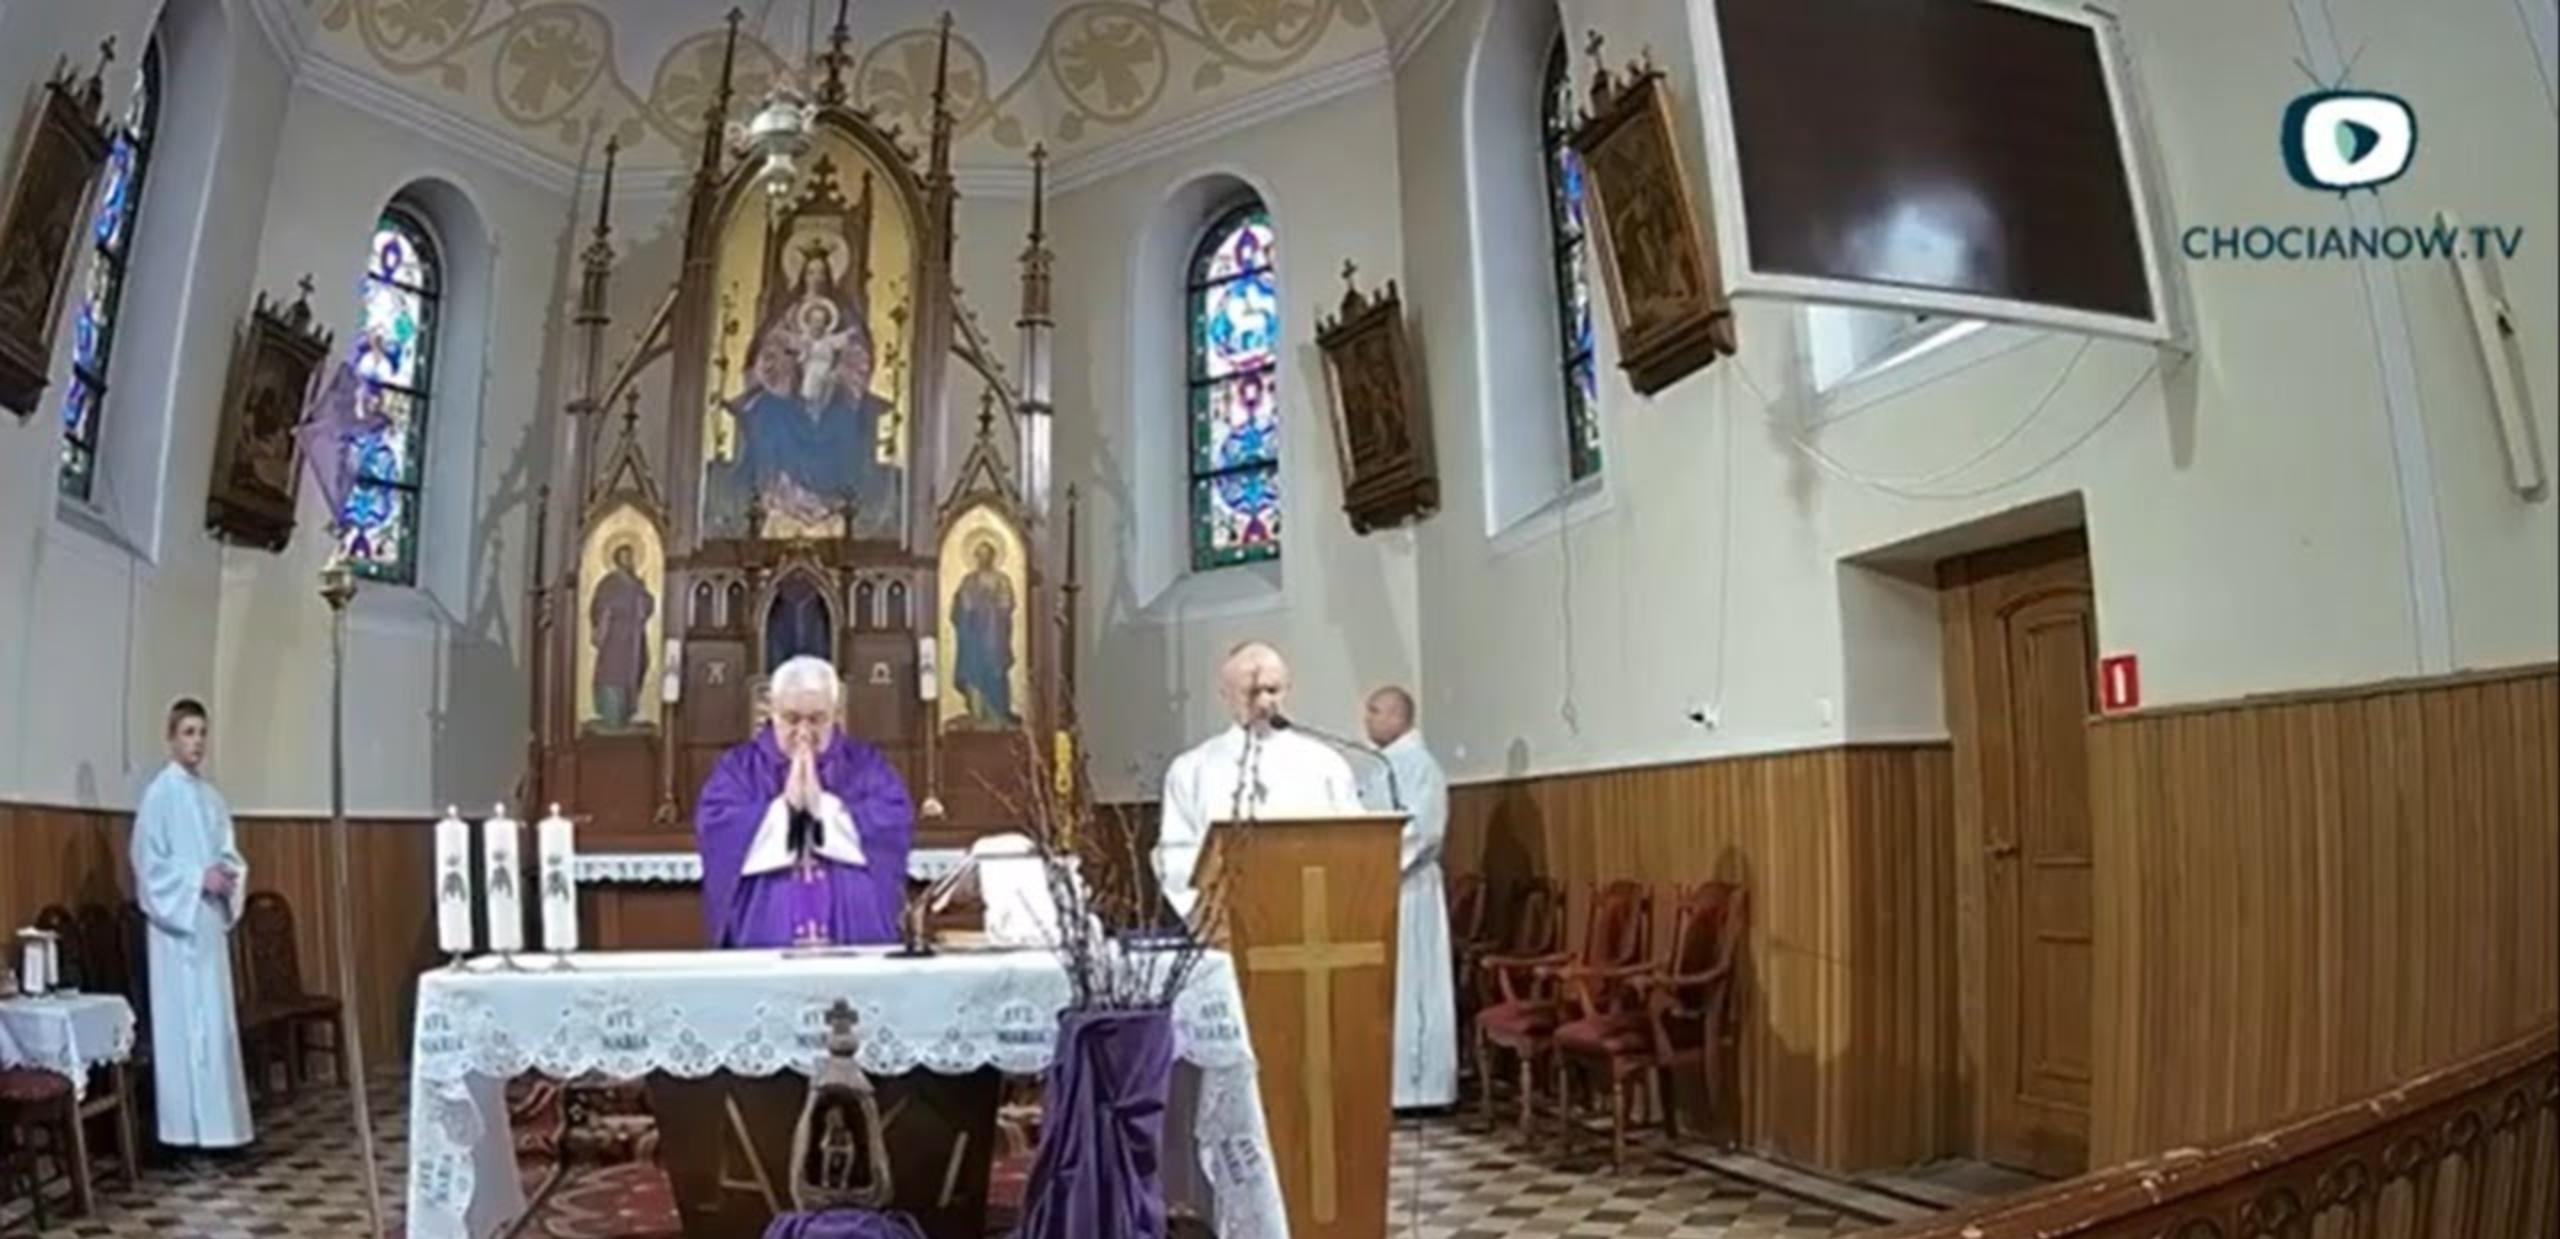 Niedziela Miłosierdzia Bożego na żywo